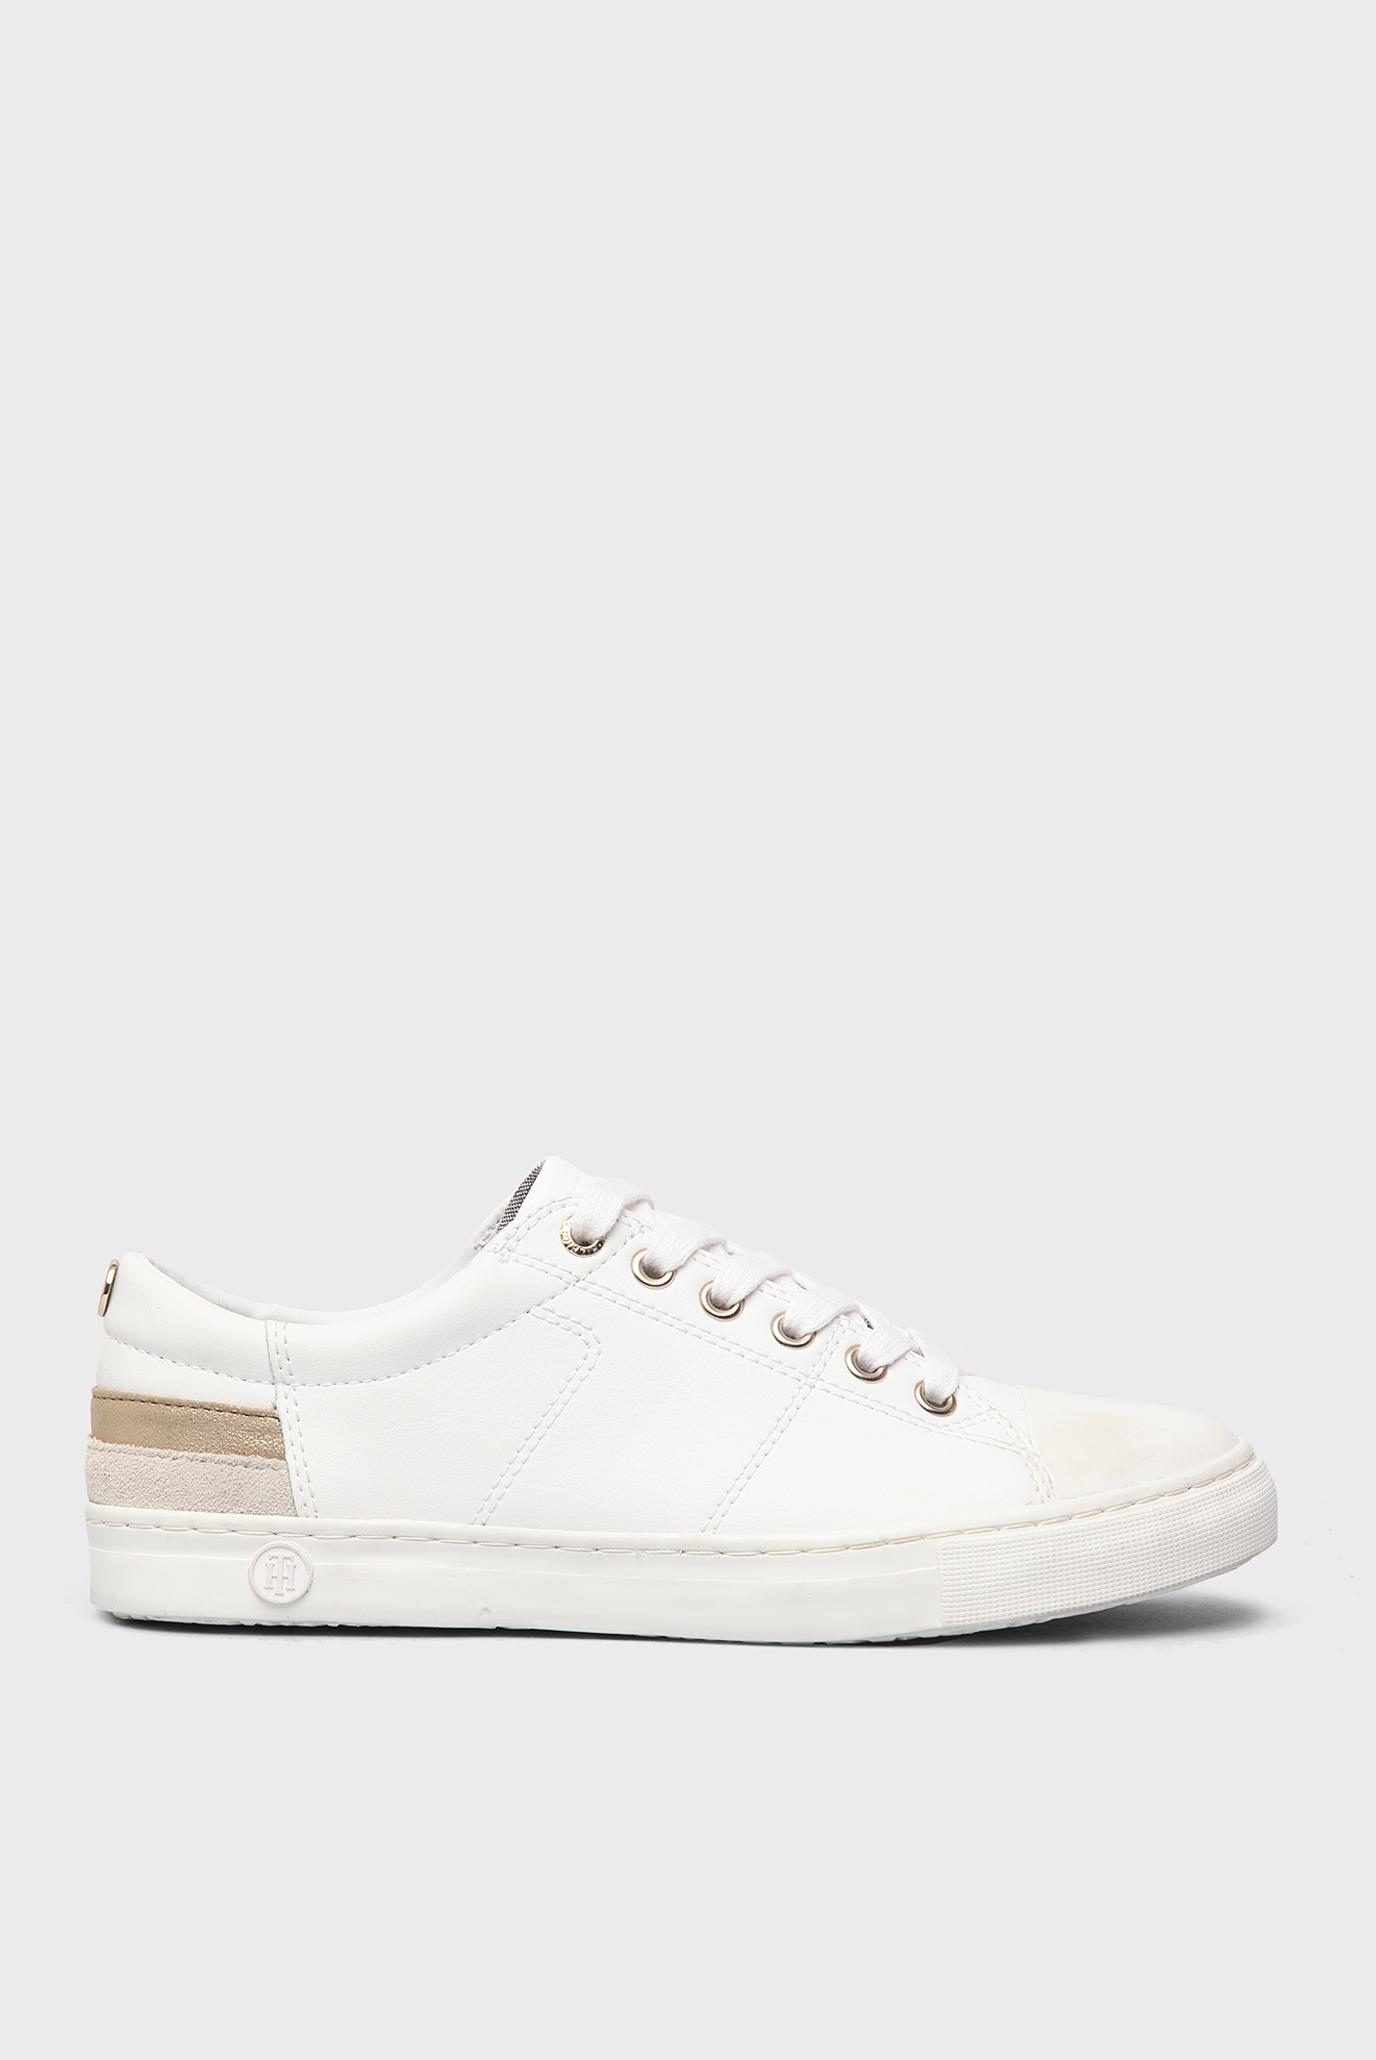 Купить Женские белые кожаные кеды Tommy Hilfiger Tommy Hilfiger FW0FW00798  – Киев 050a5c23bc3d3